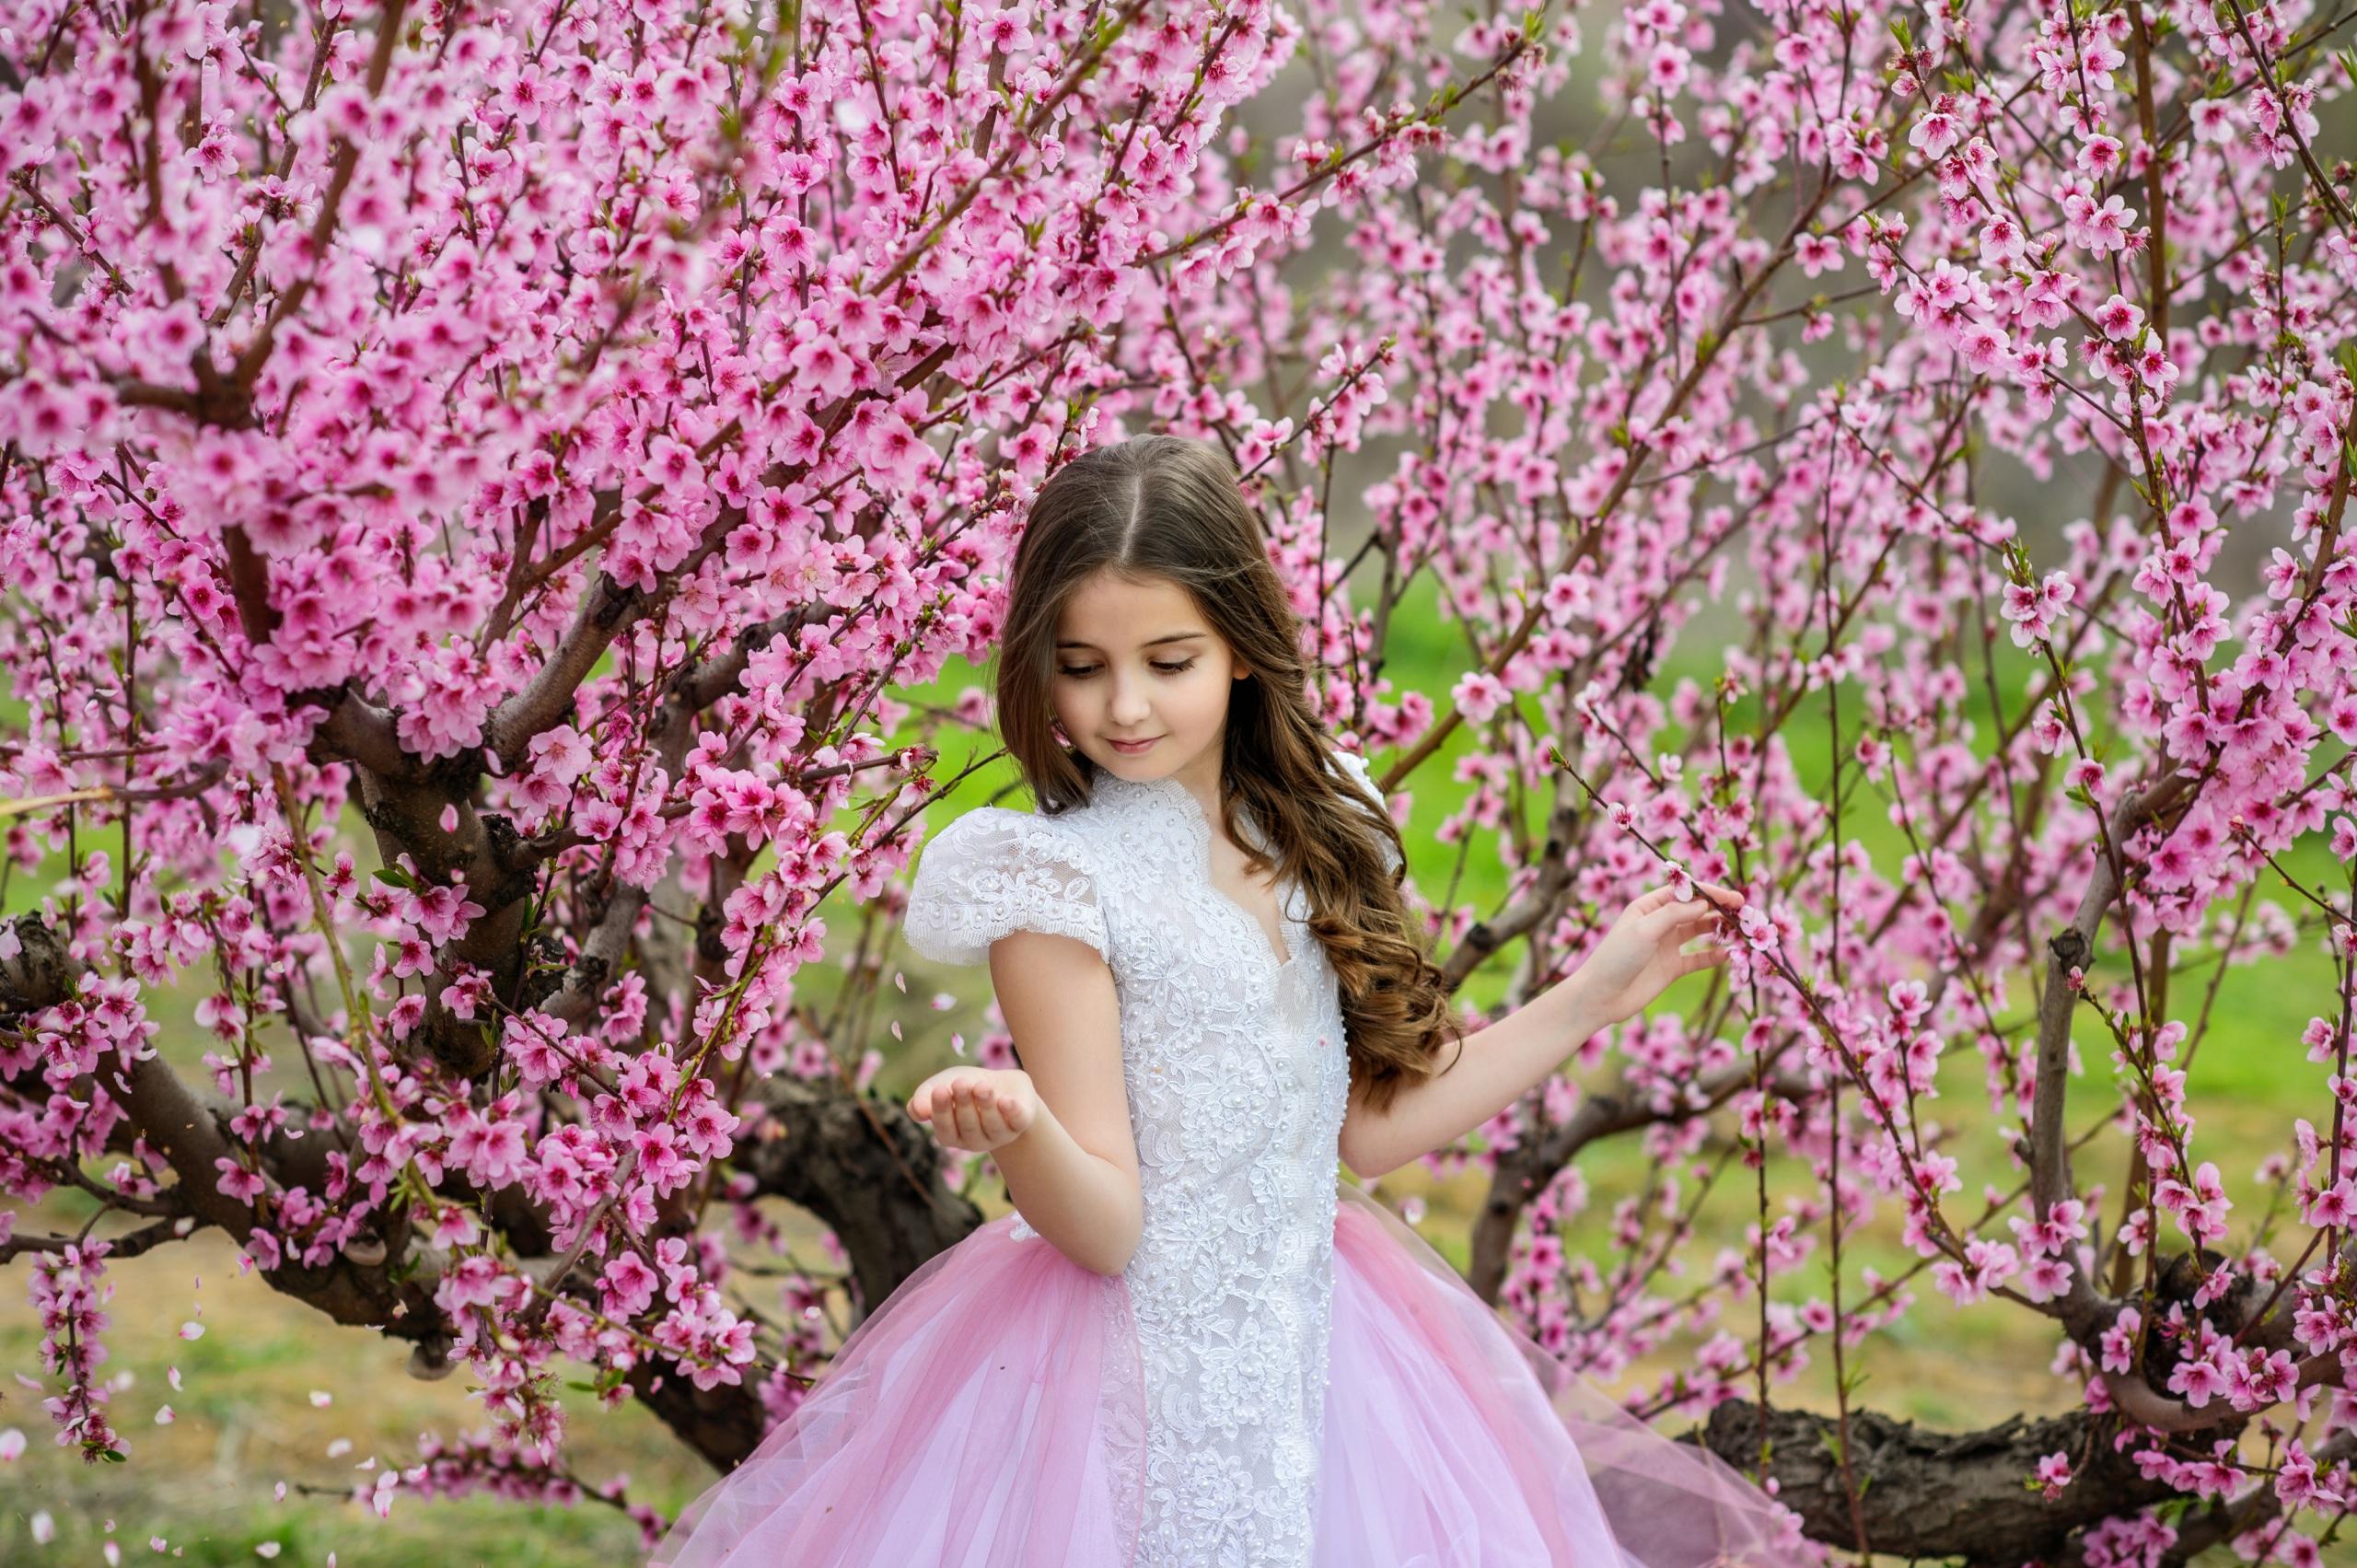 Фото Девочки ребёнок весенние Платье Цветущие деревья 2560x1703 девочка Дети Весна платья